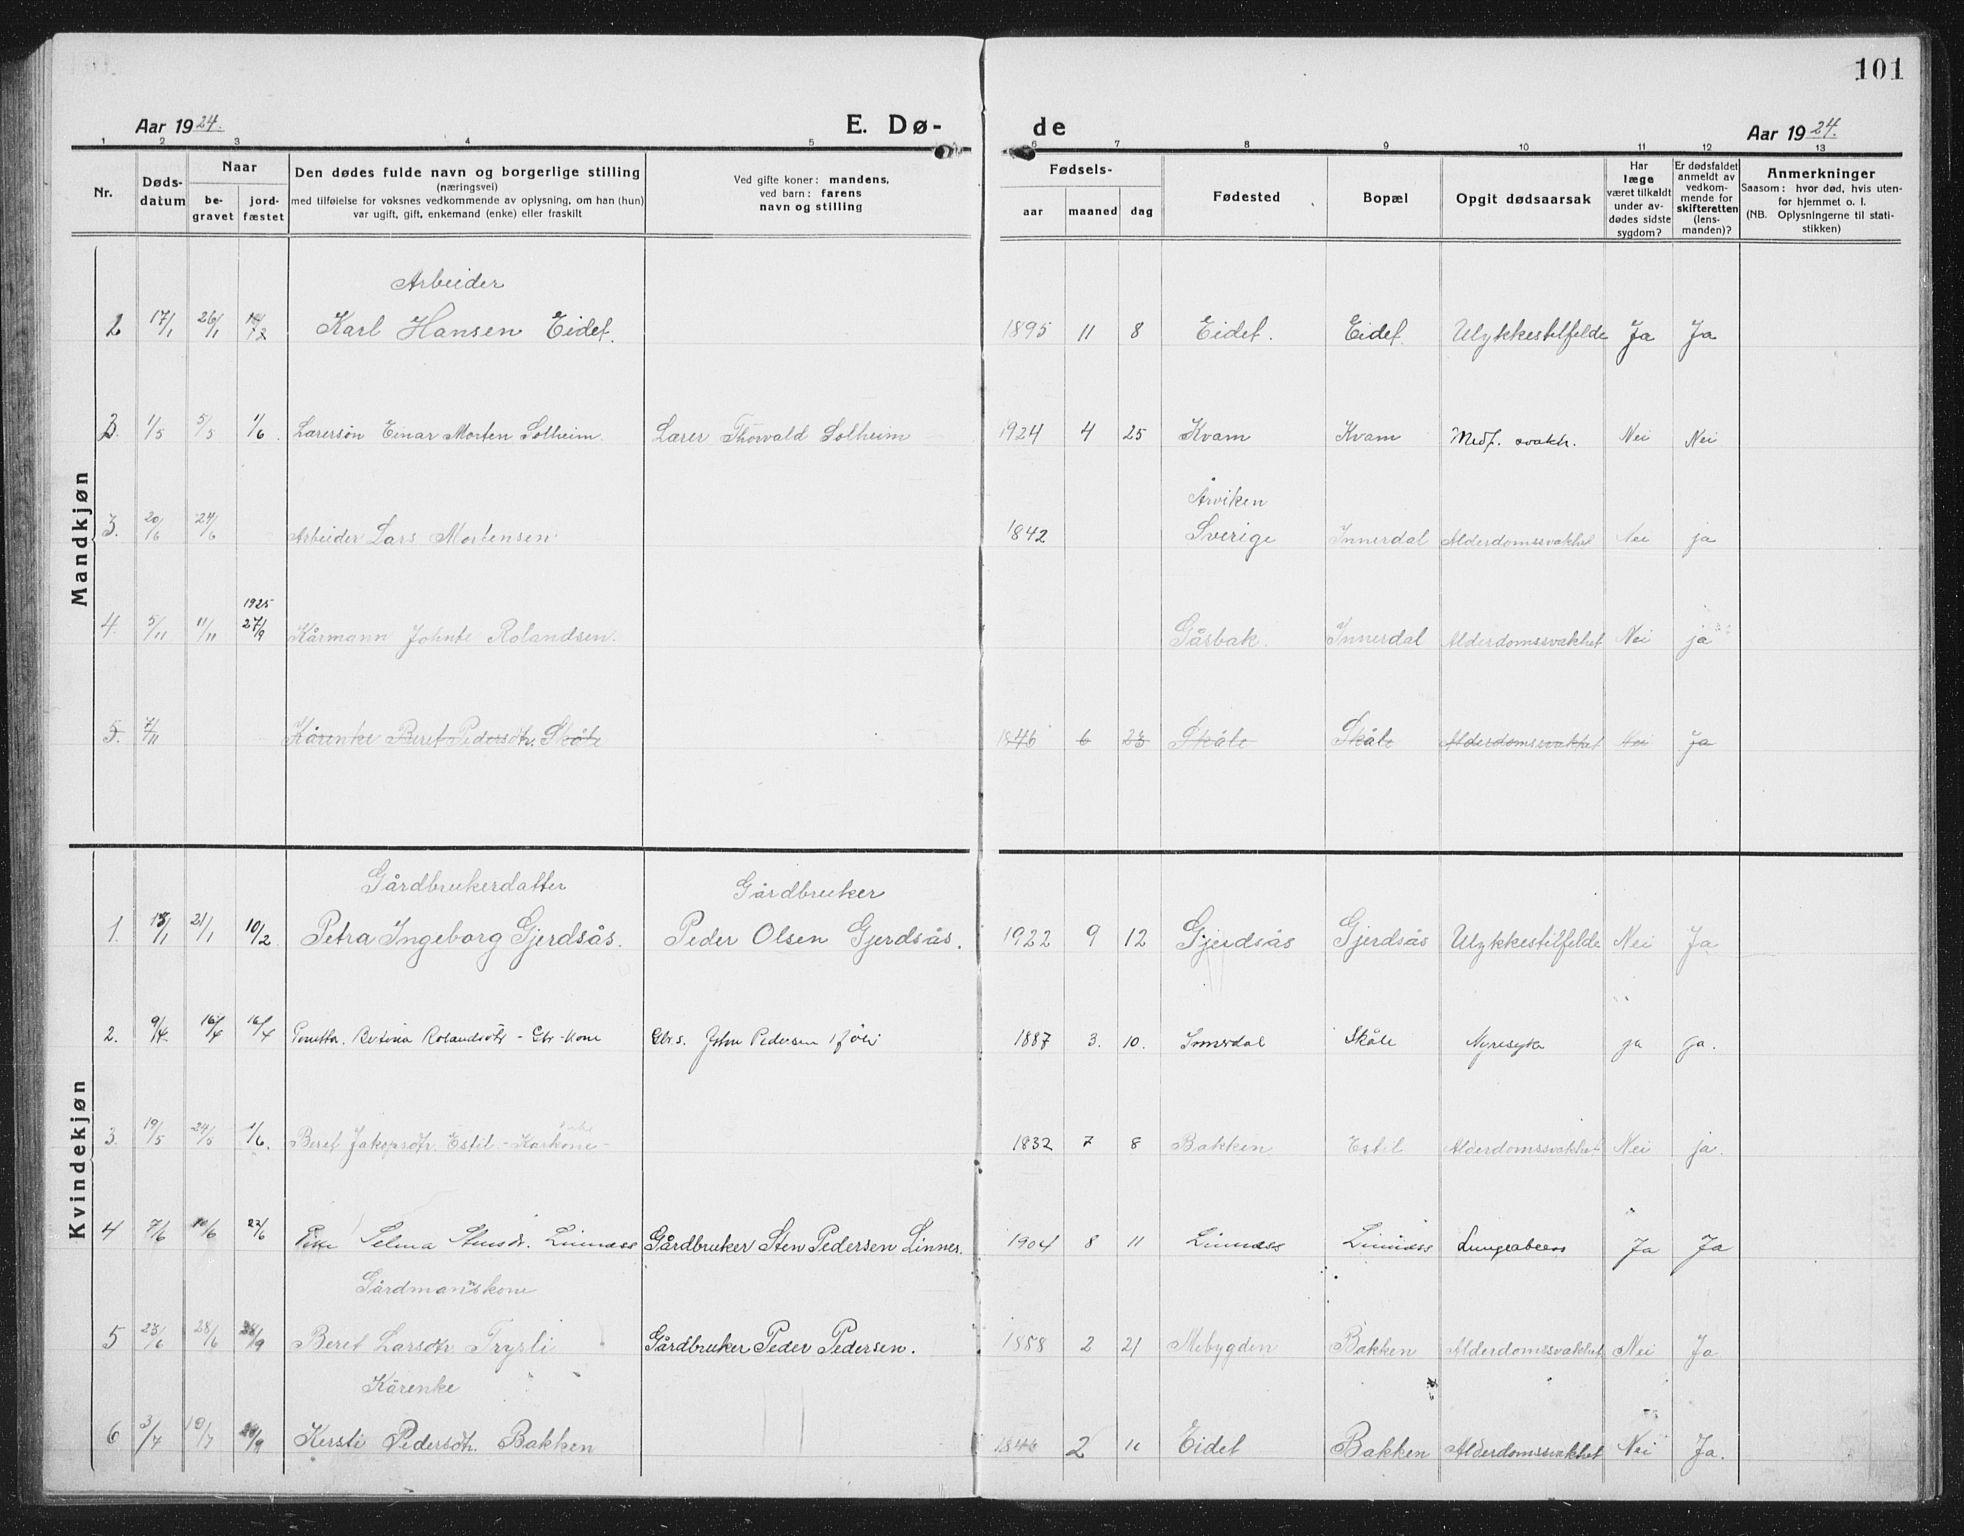 SAT, Ministerialprotokoller, klokkerbøker og fødselsregistre - Nord-Trøndelag, 757/L0507: Klokkerbok nr. 757C02, 1923-1939, s. 101